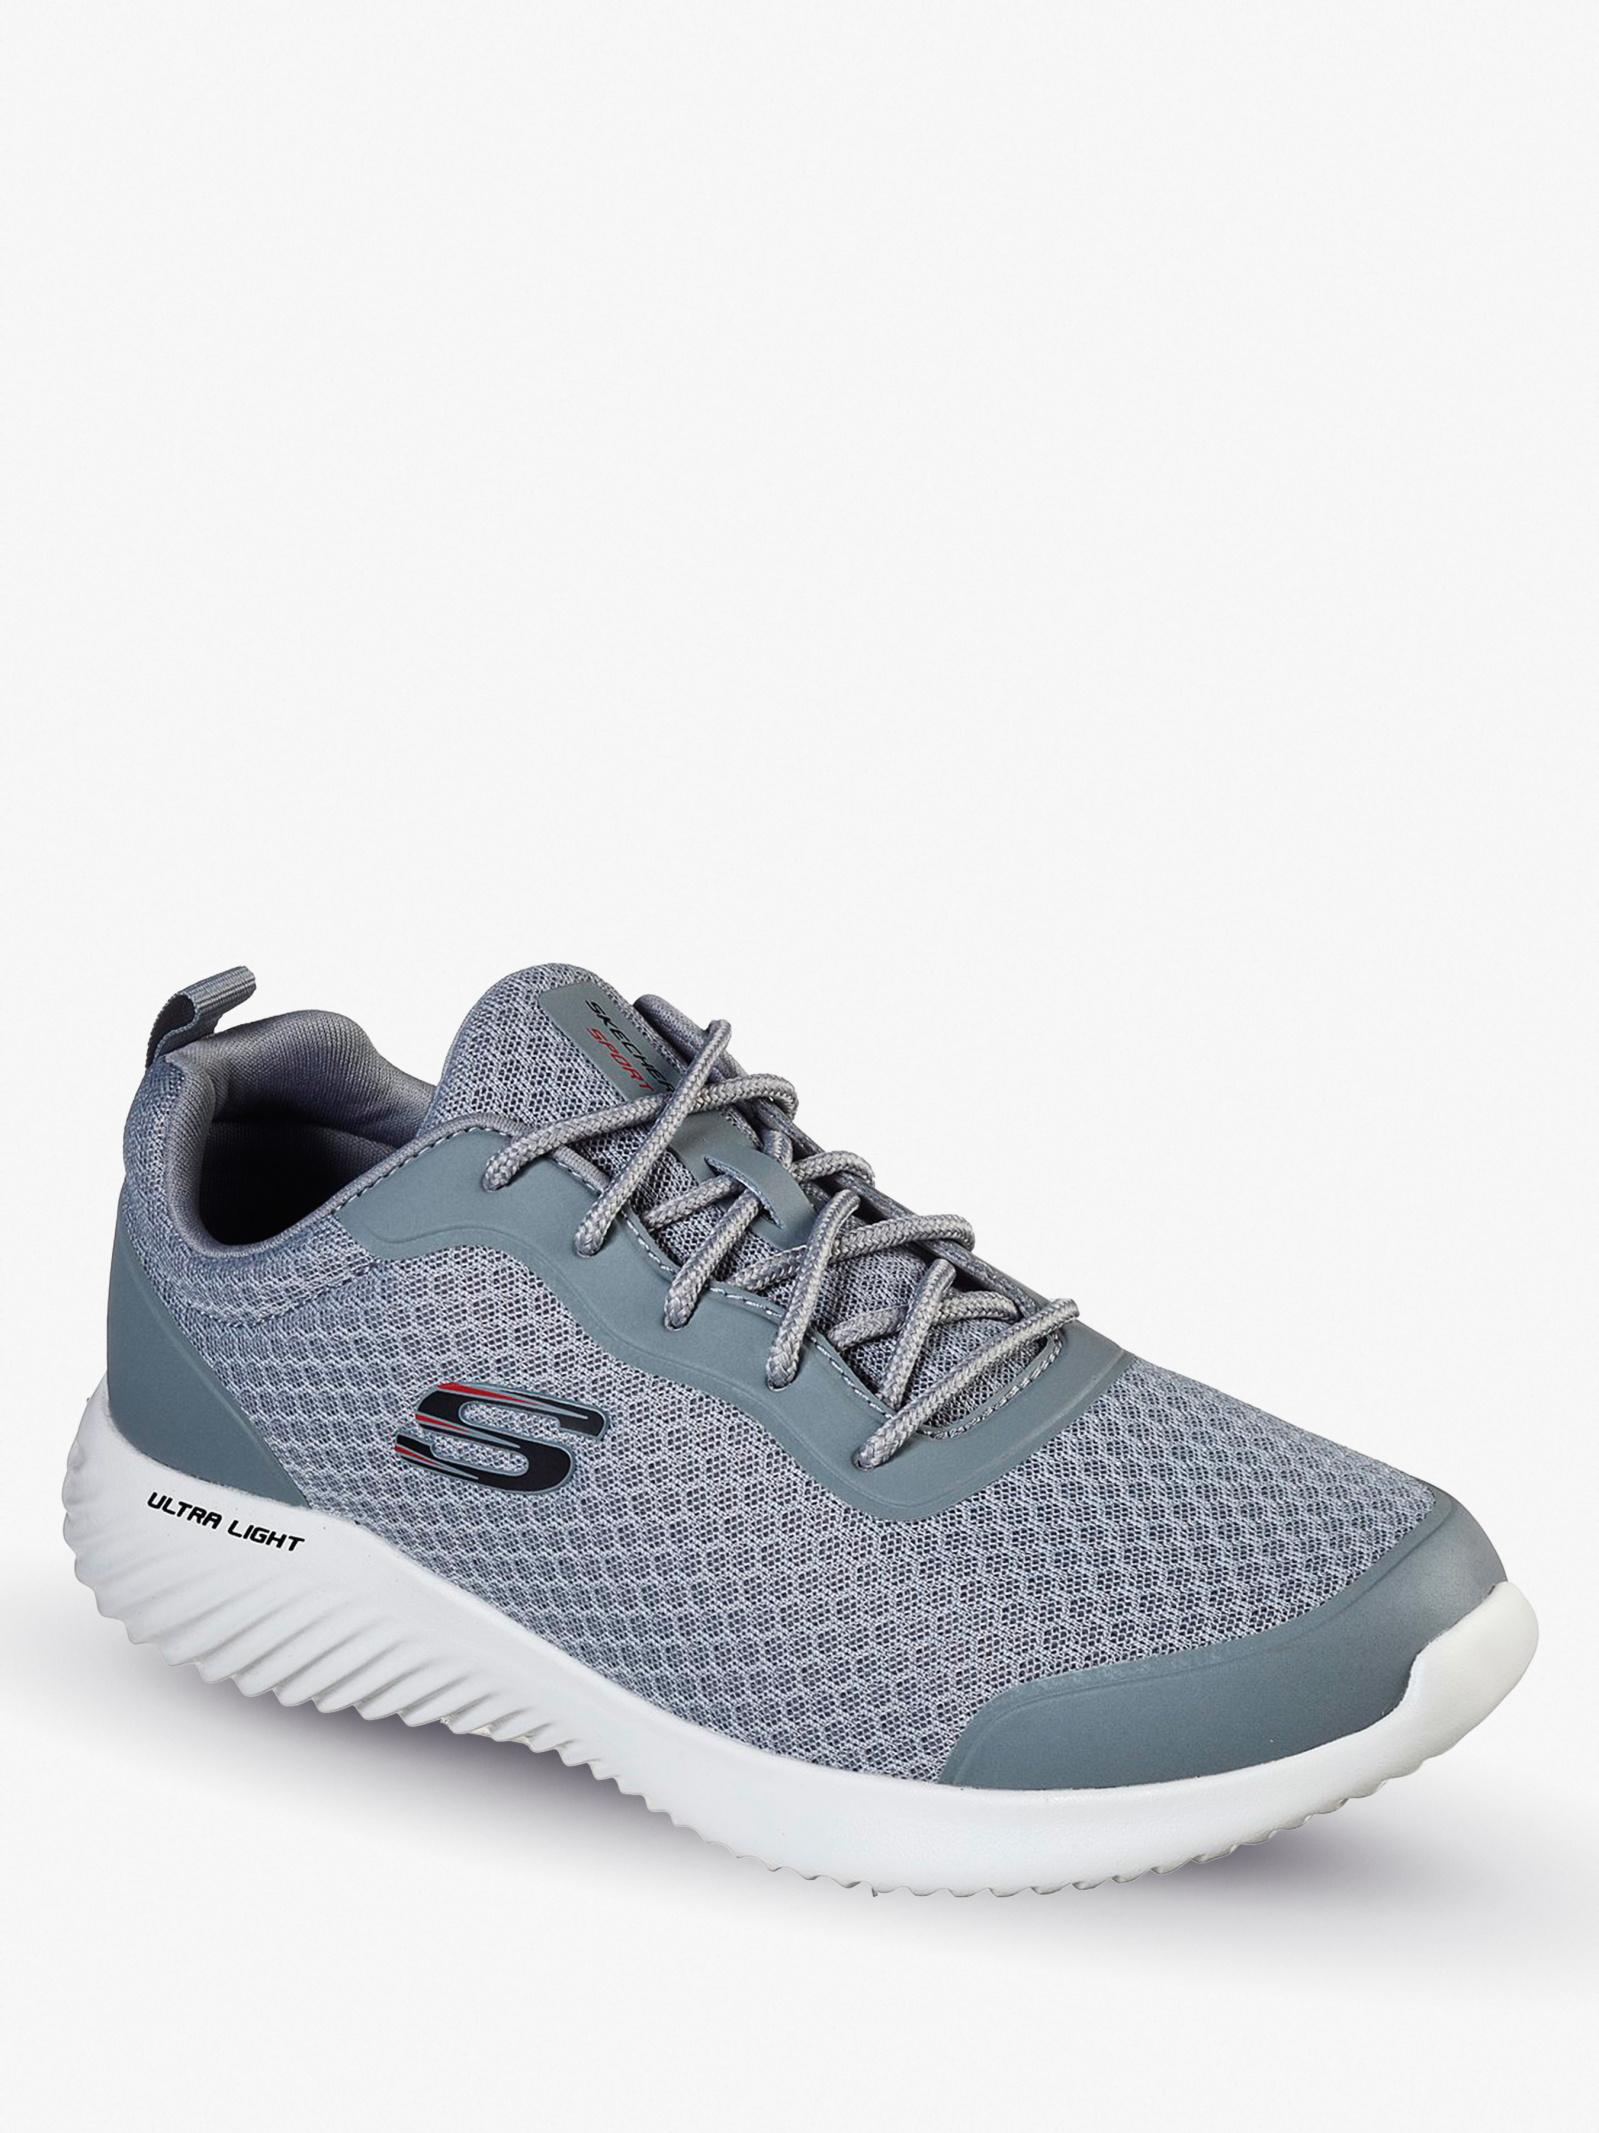 Кроссовки мужские Skechers Mens Sport 232005 GRY купить, 2017